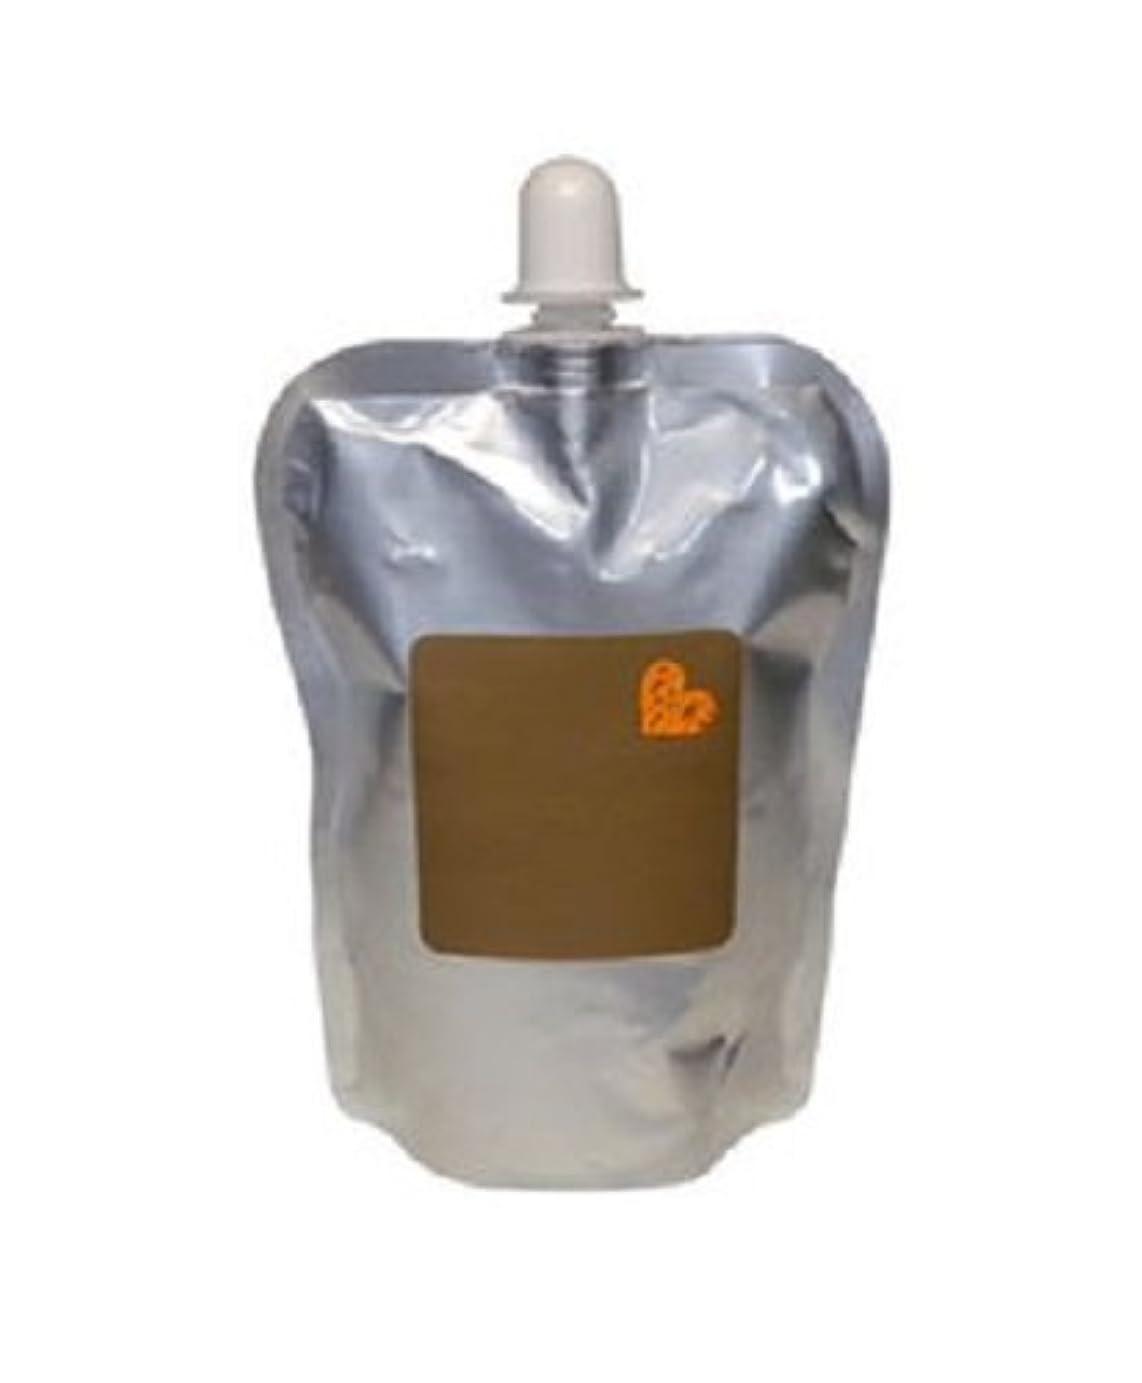 みぞれ援助するマウスピースアリミノ ピース プロデザインシリーズ ライトワックス ホイップ 400ml 詰替用